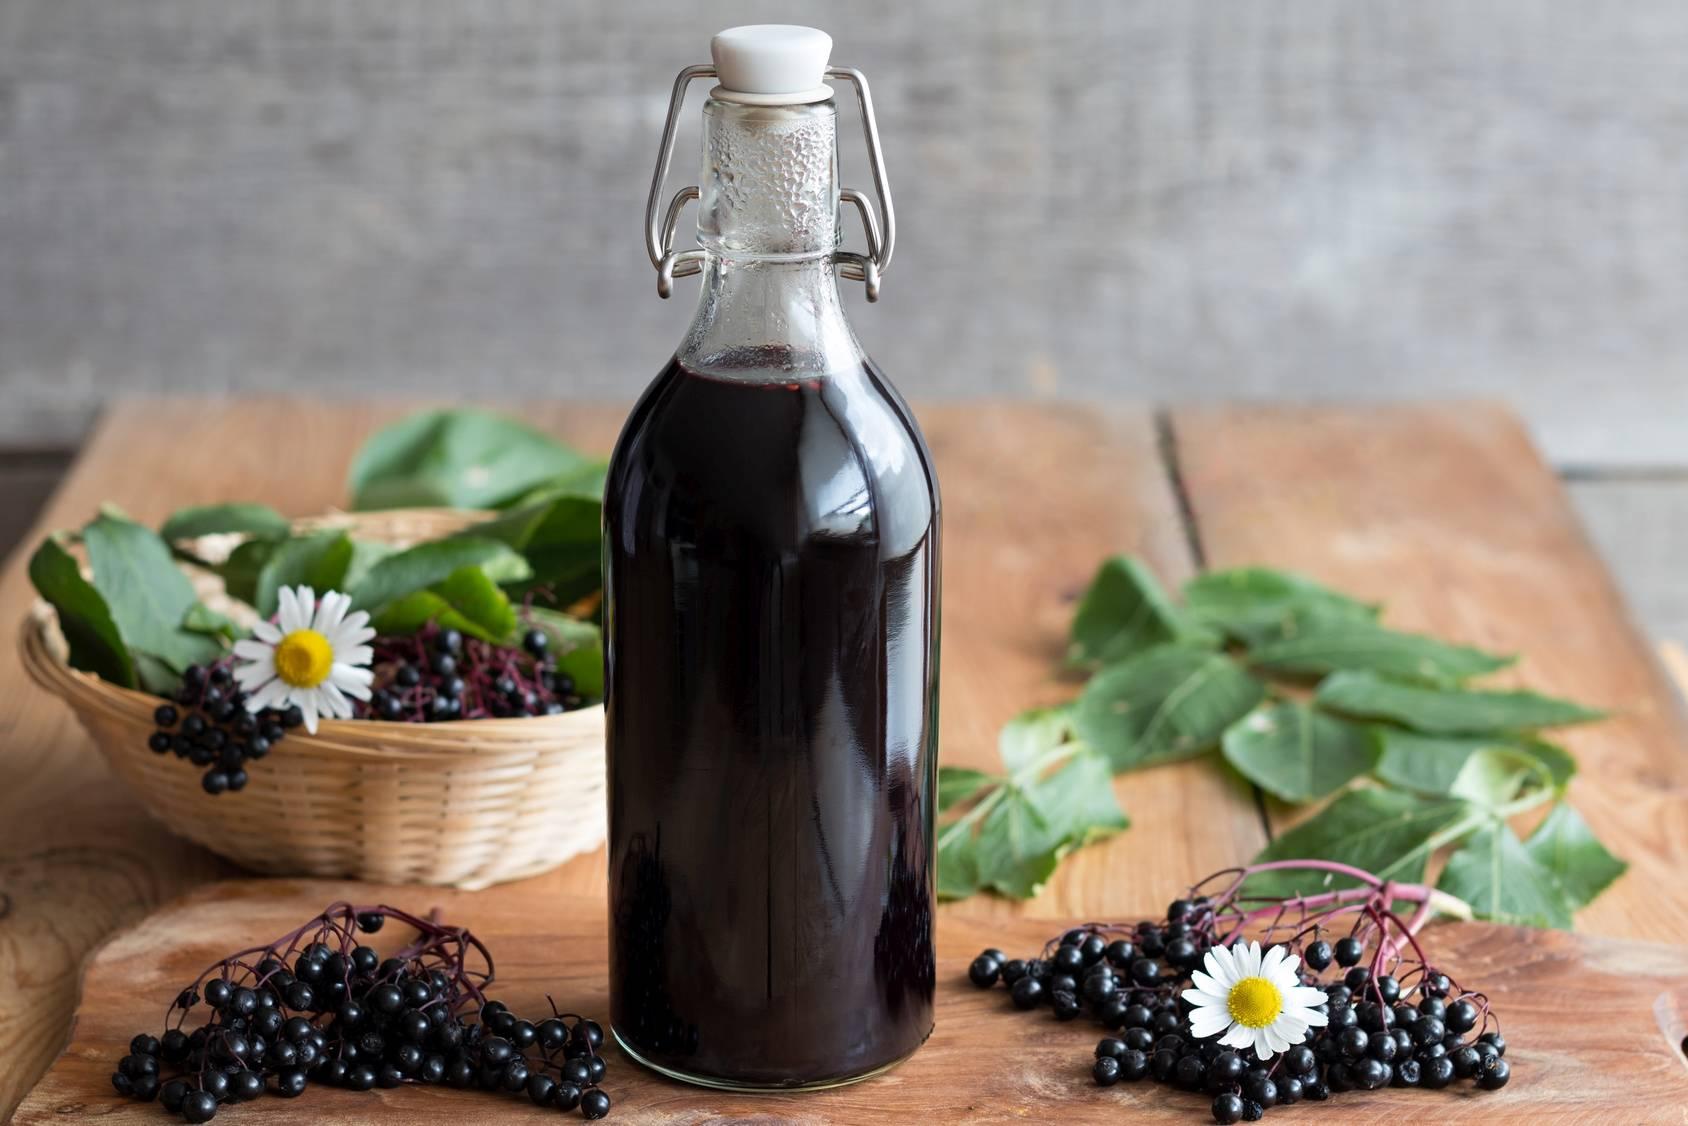 Sok z czarnego bzu. Na drewnianym stole stoi butelka soku z owoców czarnego bzu. Obok leżą gałązki z owocami bzu i pojedyncze liście. W tle stoi koszyczek.